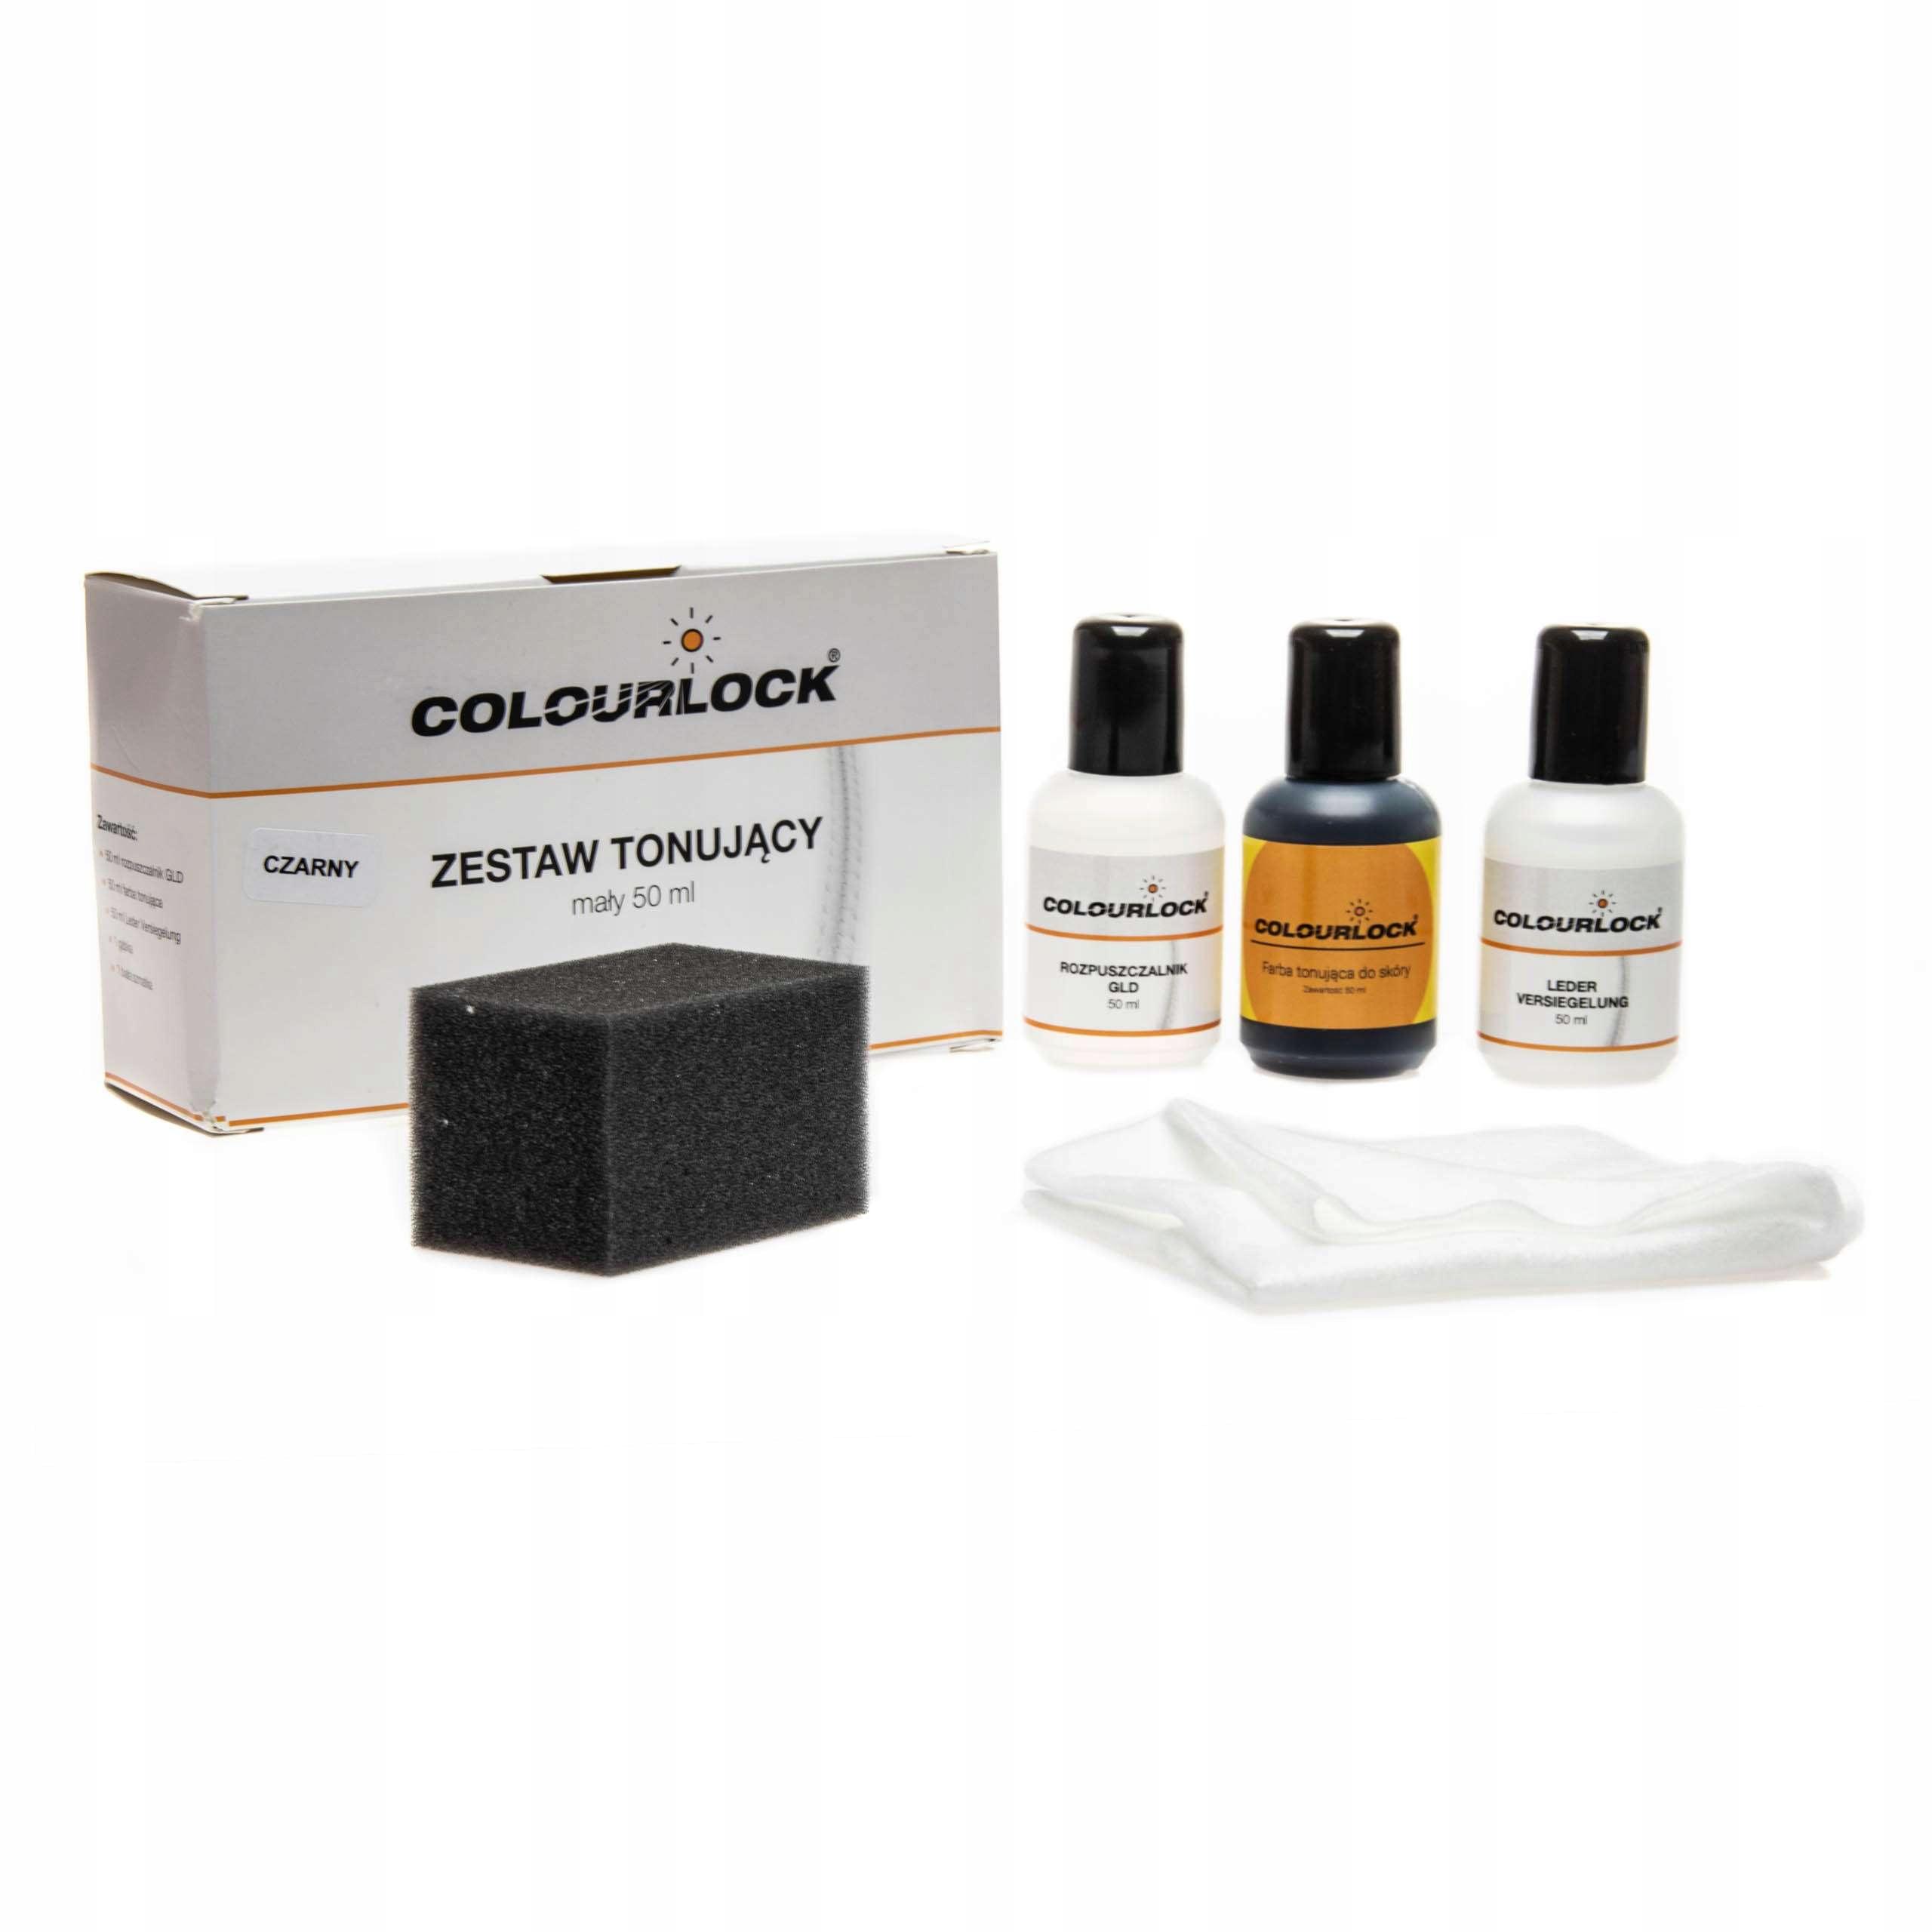 Colourlock Zestaw tonujący skóry czarny - 50 ml